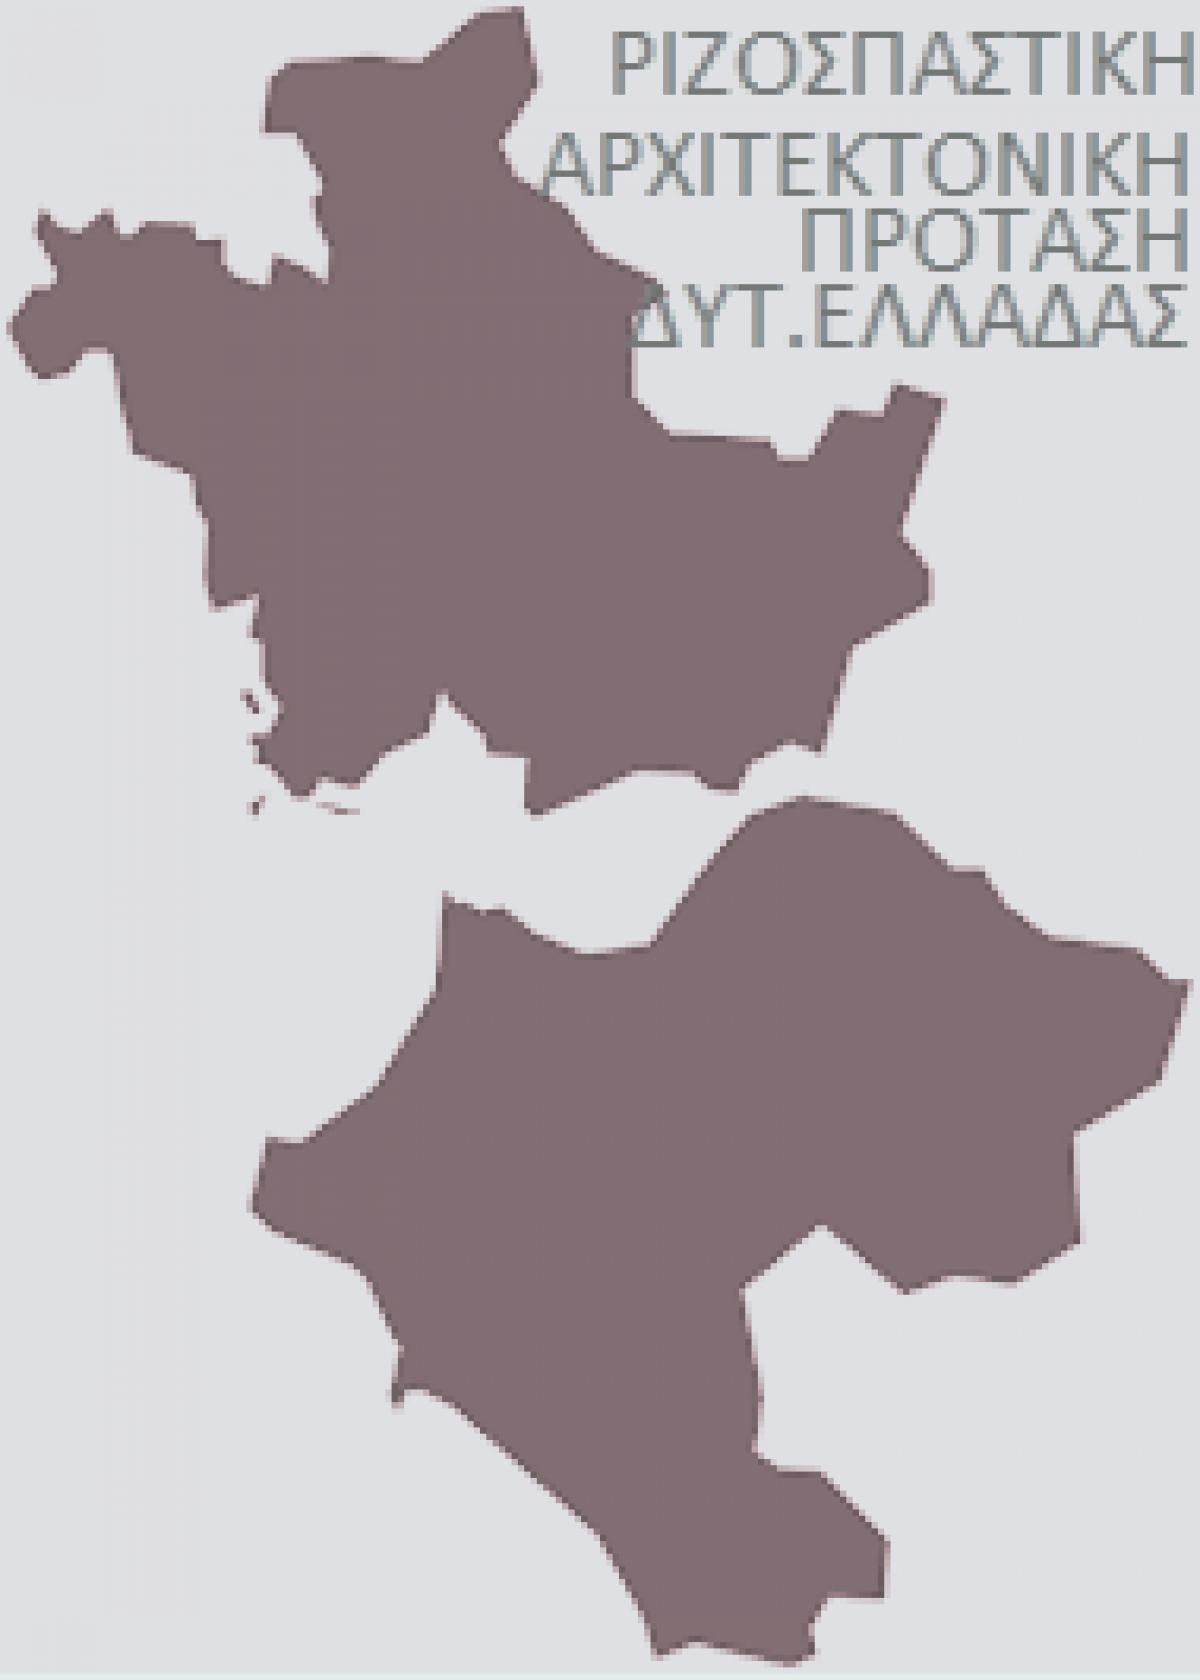 Προεκλογική προκήρυξη της Ριζοσπαστικής Αρχιτεκτονικής Πρότασης Δυτικής Ελλάδας